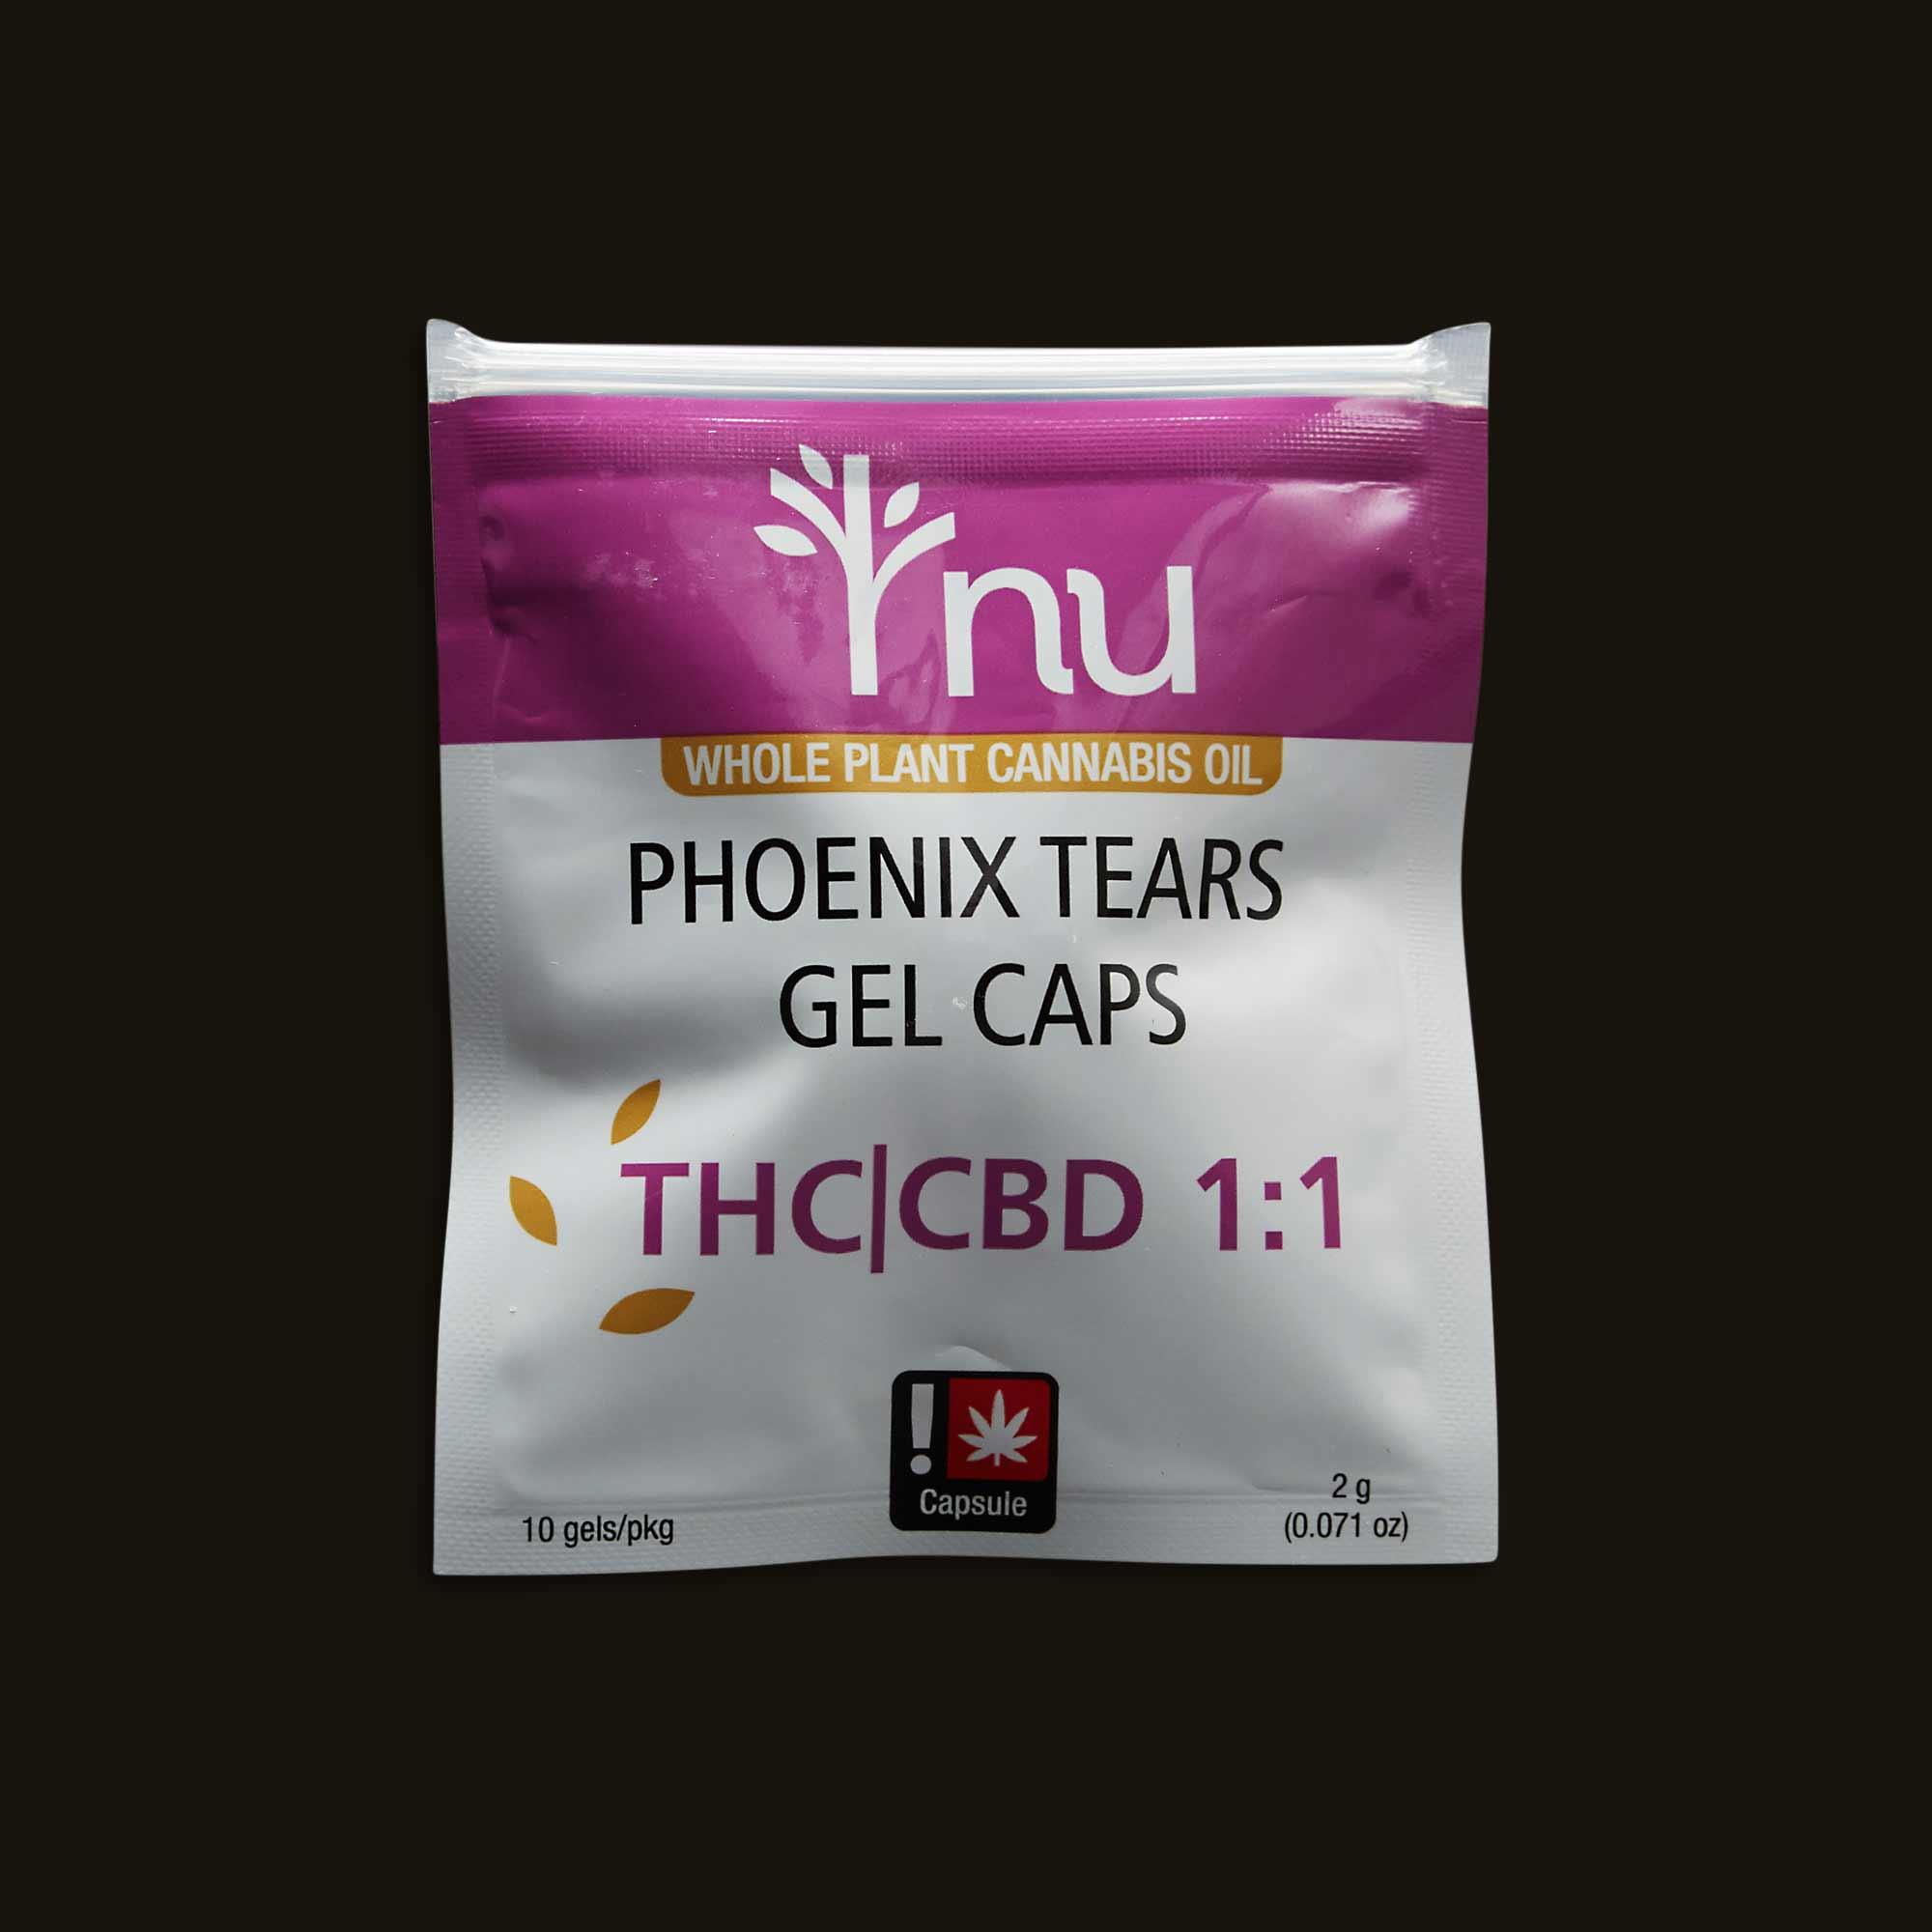 Nu Phoenix Tears Gel Caps 1:1